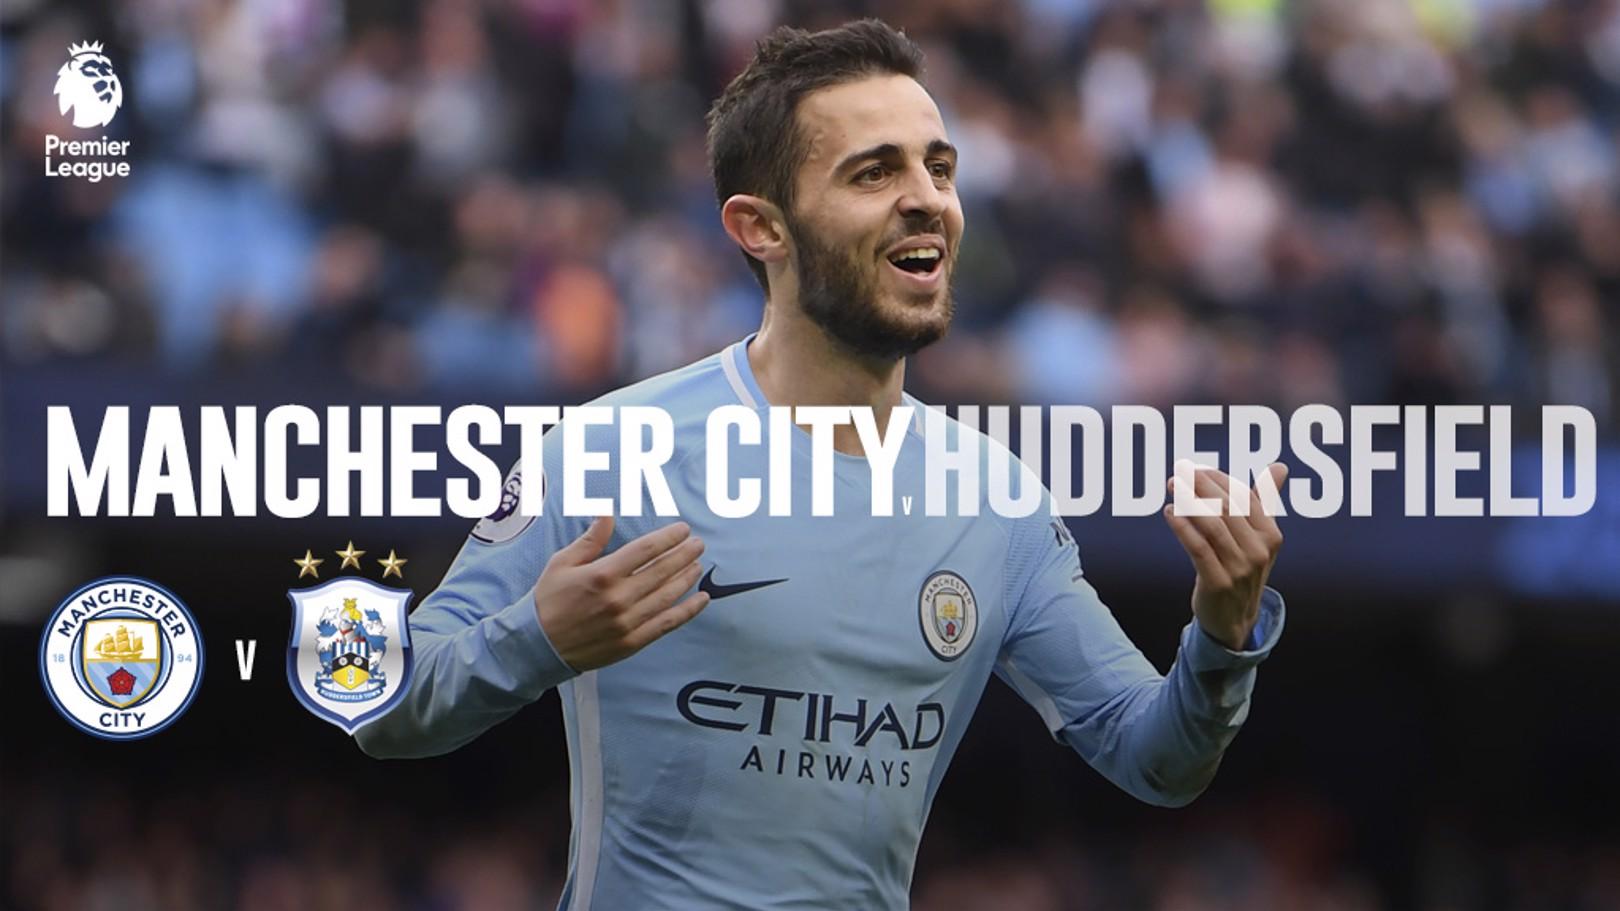 Coletiva para o Huddersfield